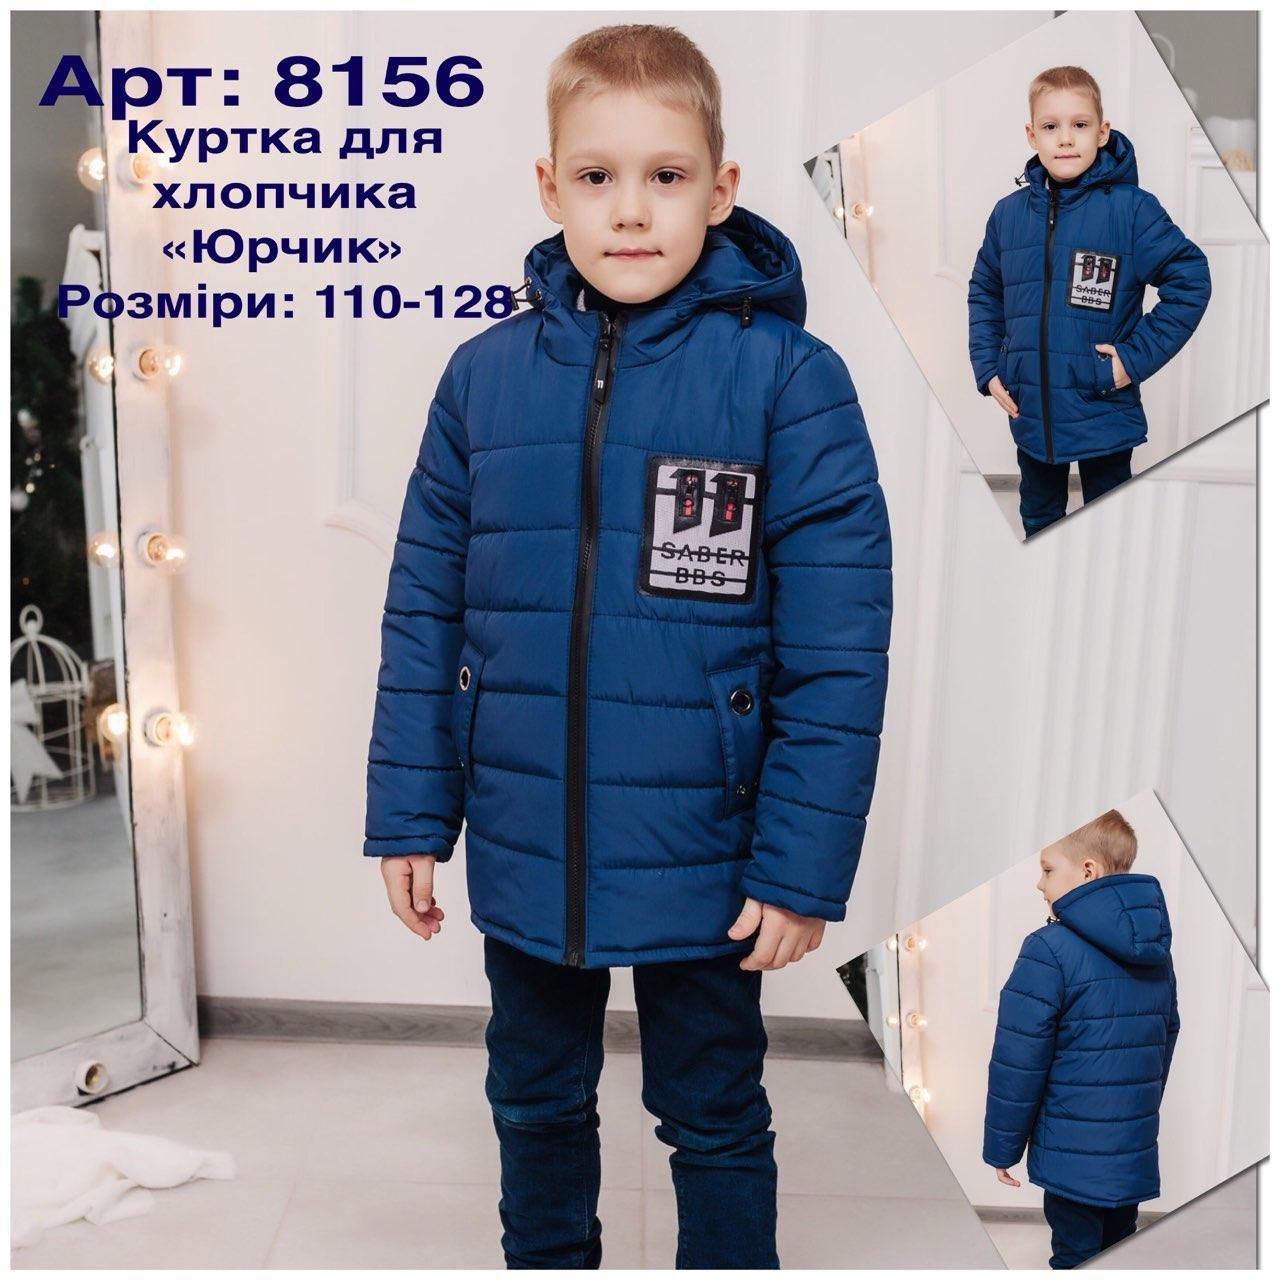 Детская  демисезонная куртка для мальчика Юрчик, 110-128